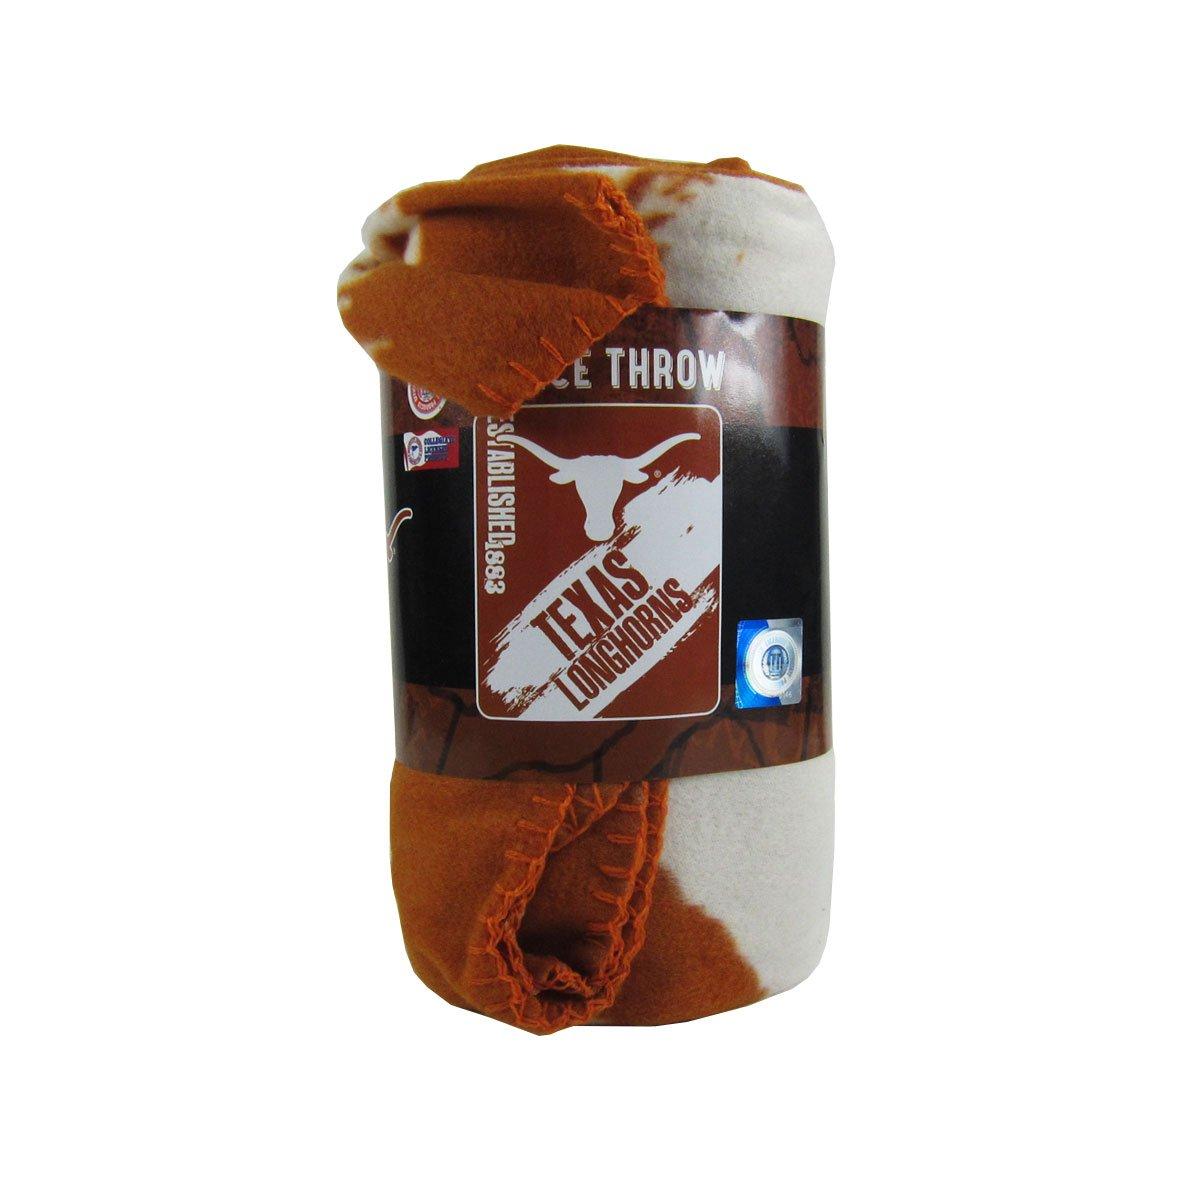 ファッションデザイナー Officially Licensed NCAA Painted Painted Throw Fleece NCAA Throw Blanket – Texas Longhorns B00VF49C0O, sbc:eee5b011 --- mcrisartesanato.com.br